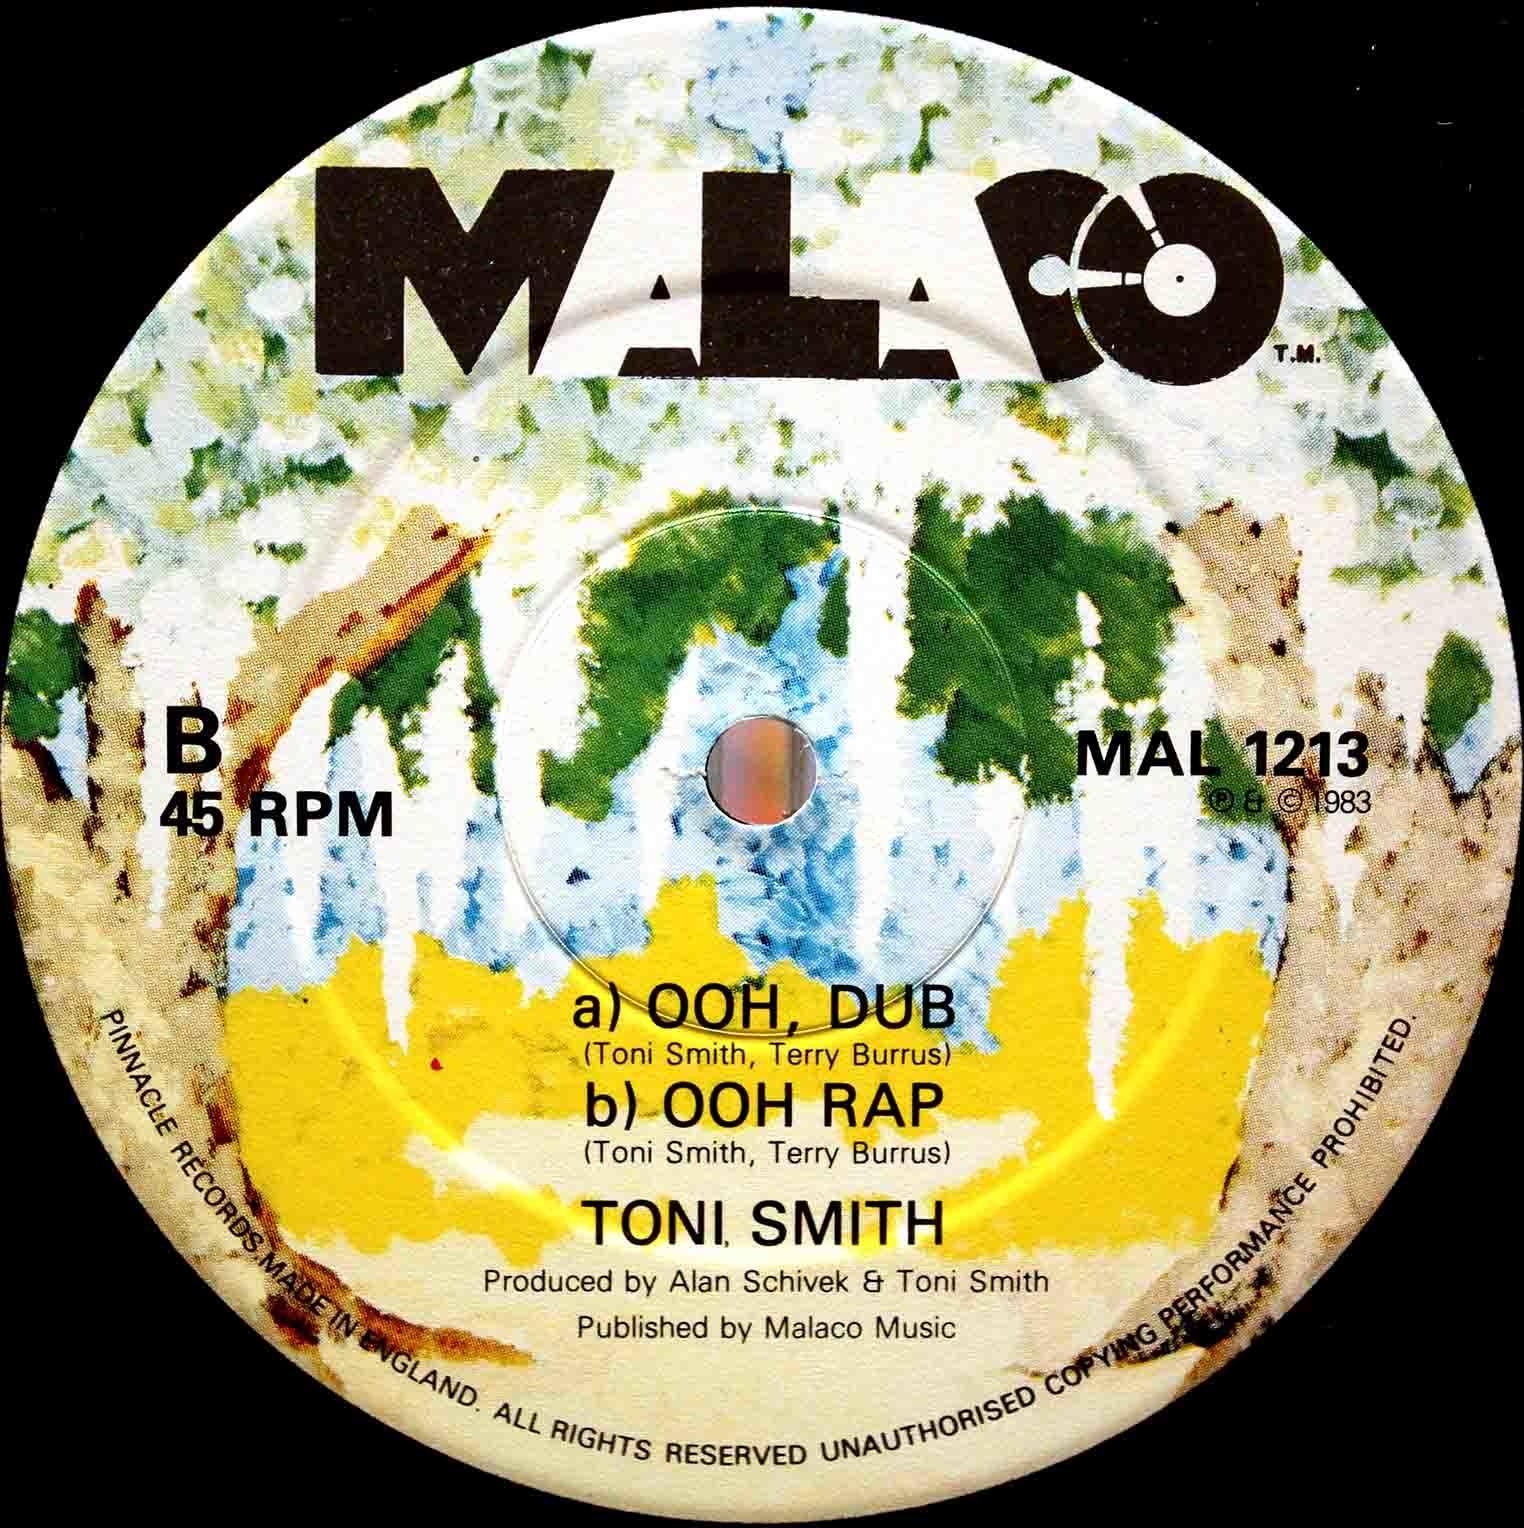 Toni Smith – Ooh, I Like The Way It Feels 04